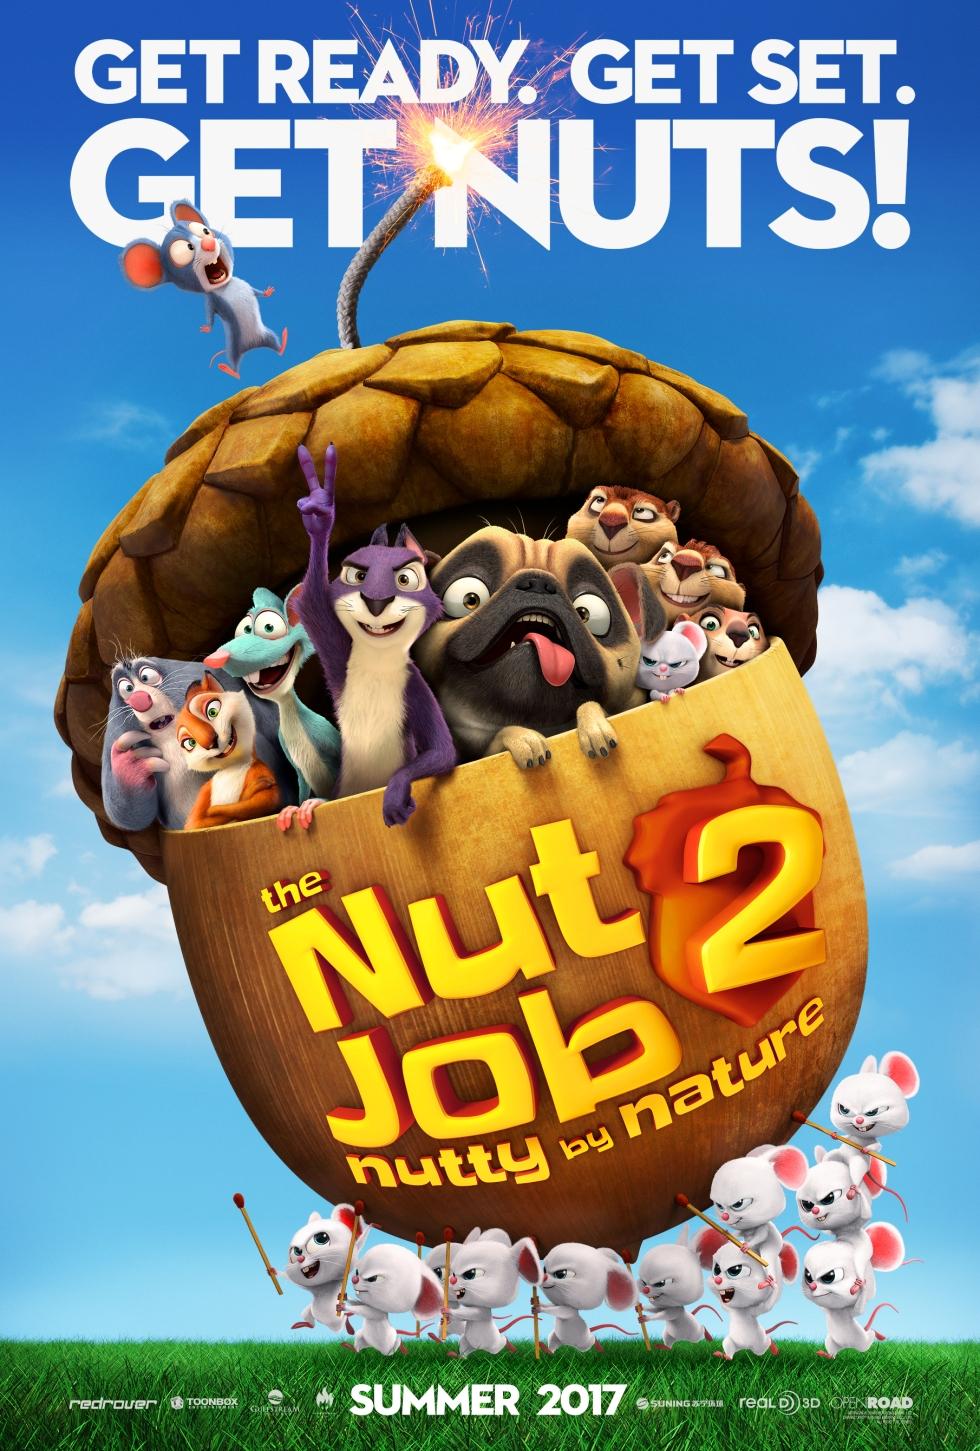 nutjob2_1-sht_teaser-trim